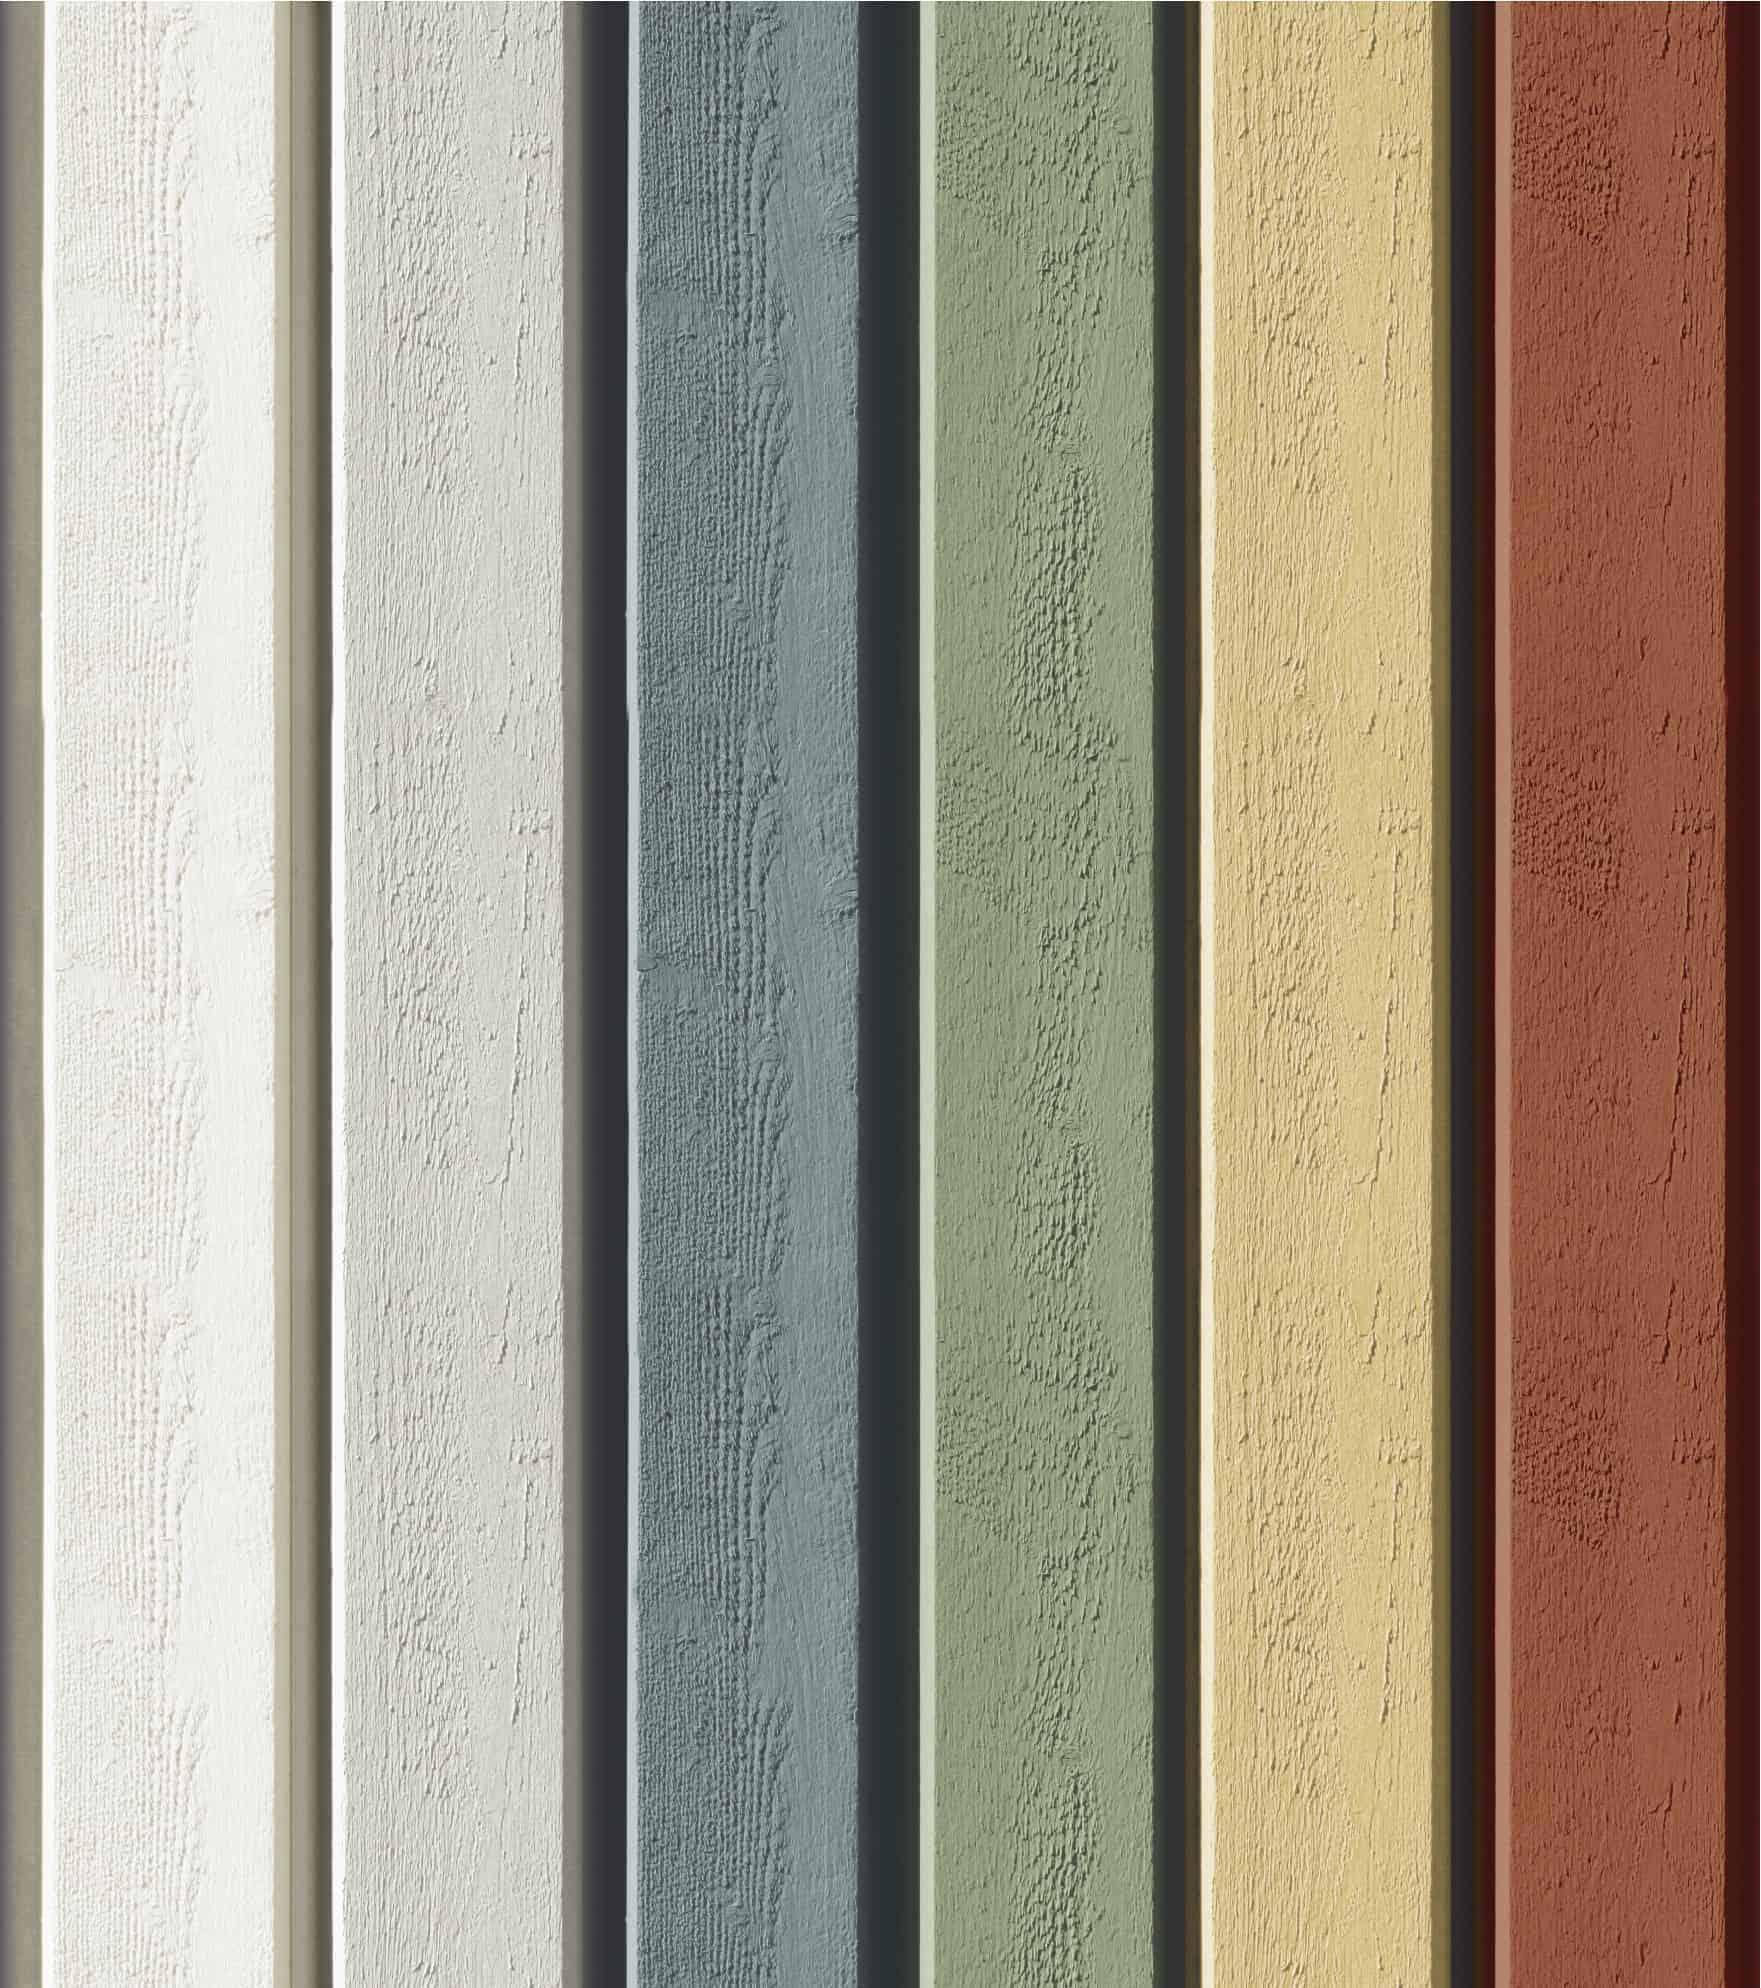 Beroemd Kleur verf beits kiezen en beoordelen - Moose Färg VY88